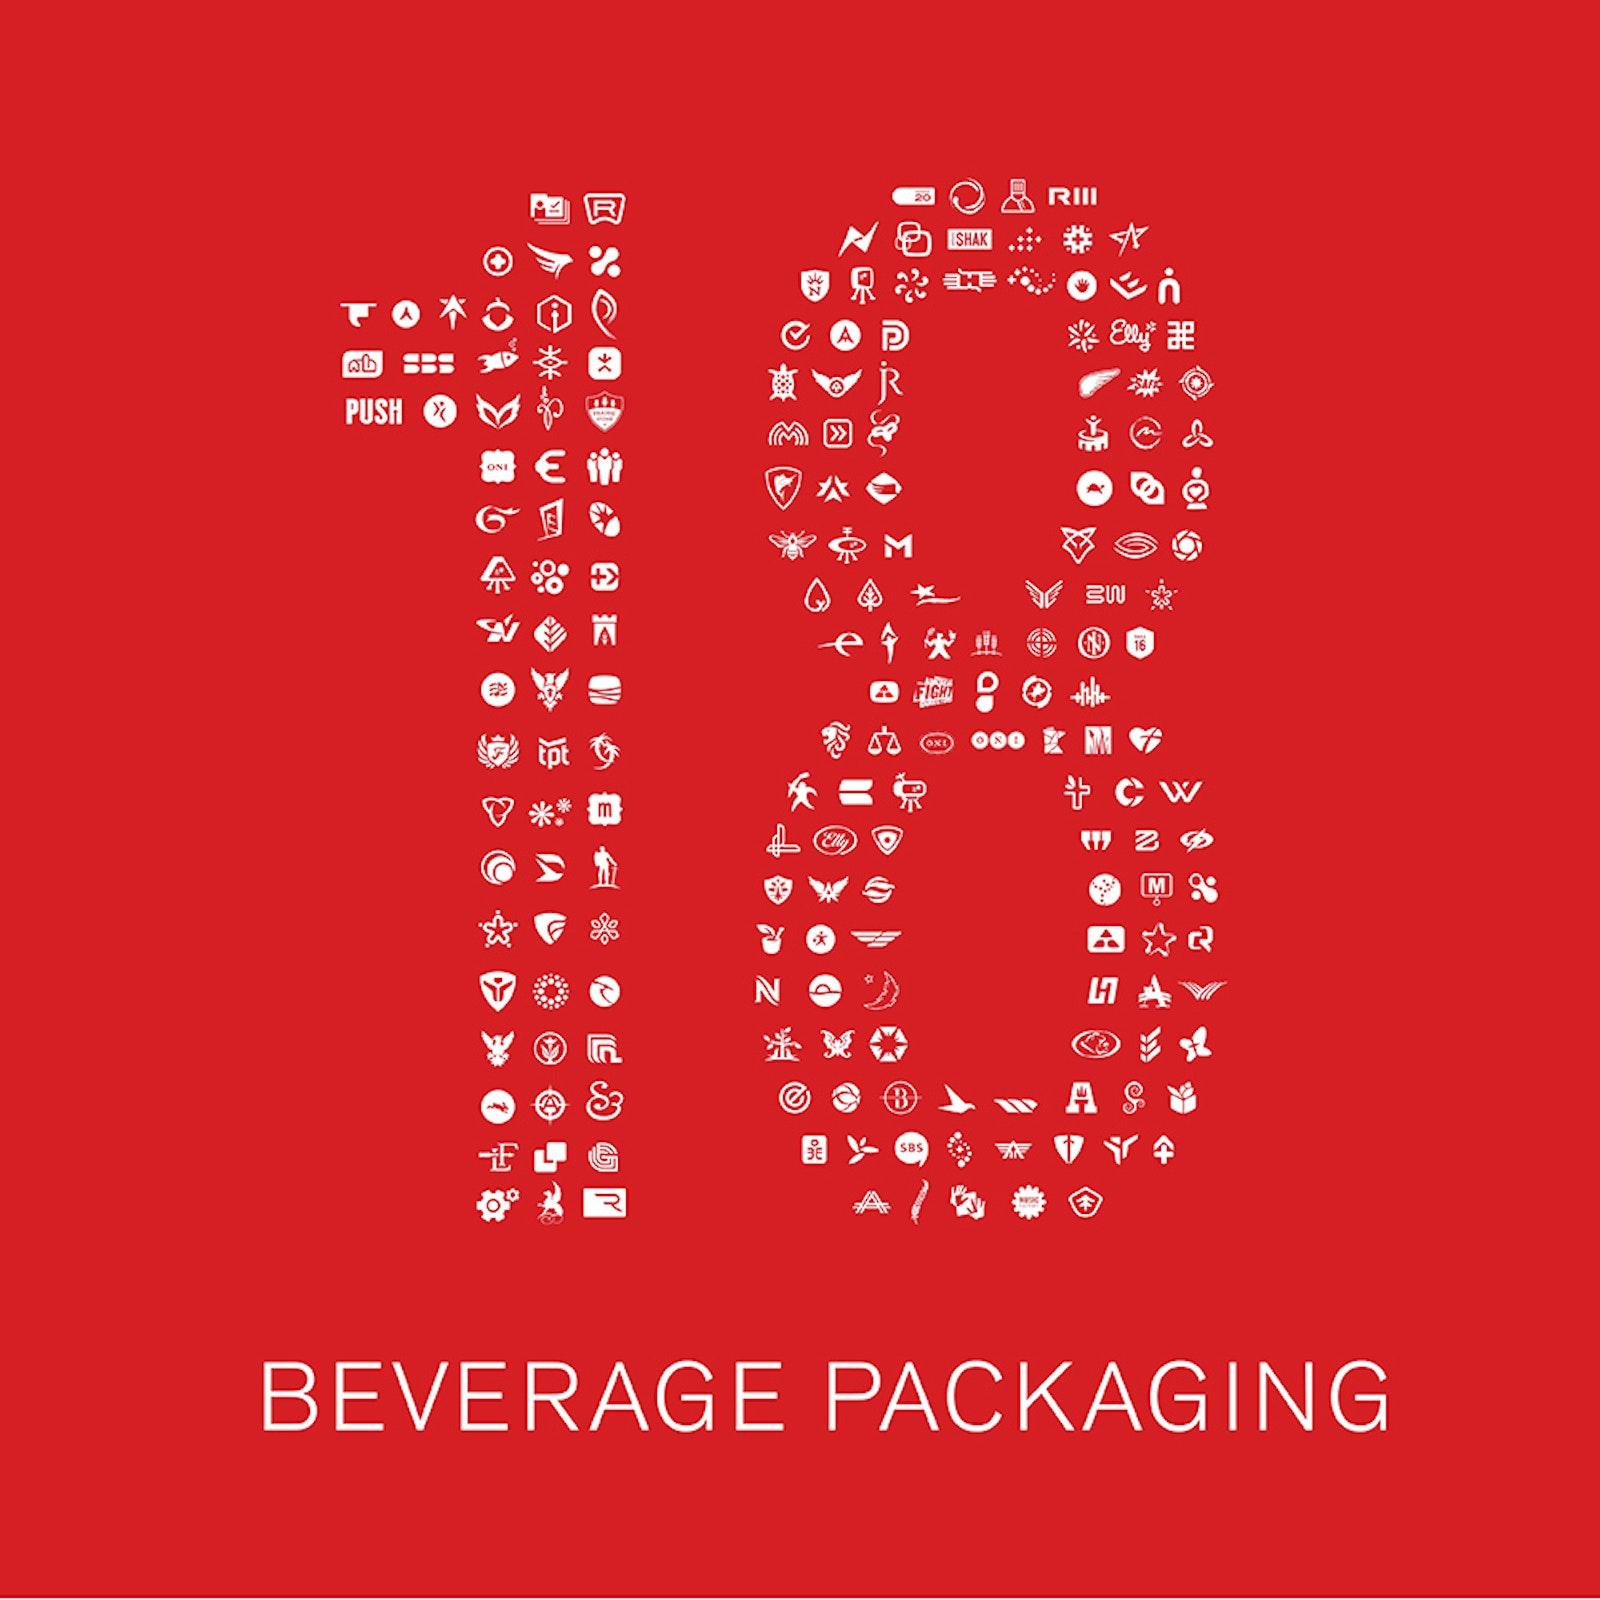 Capsule18 Bev Packaging